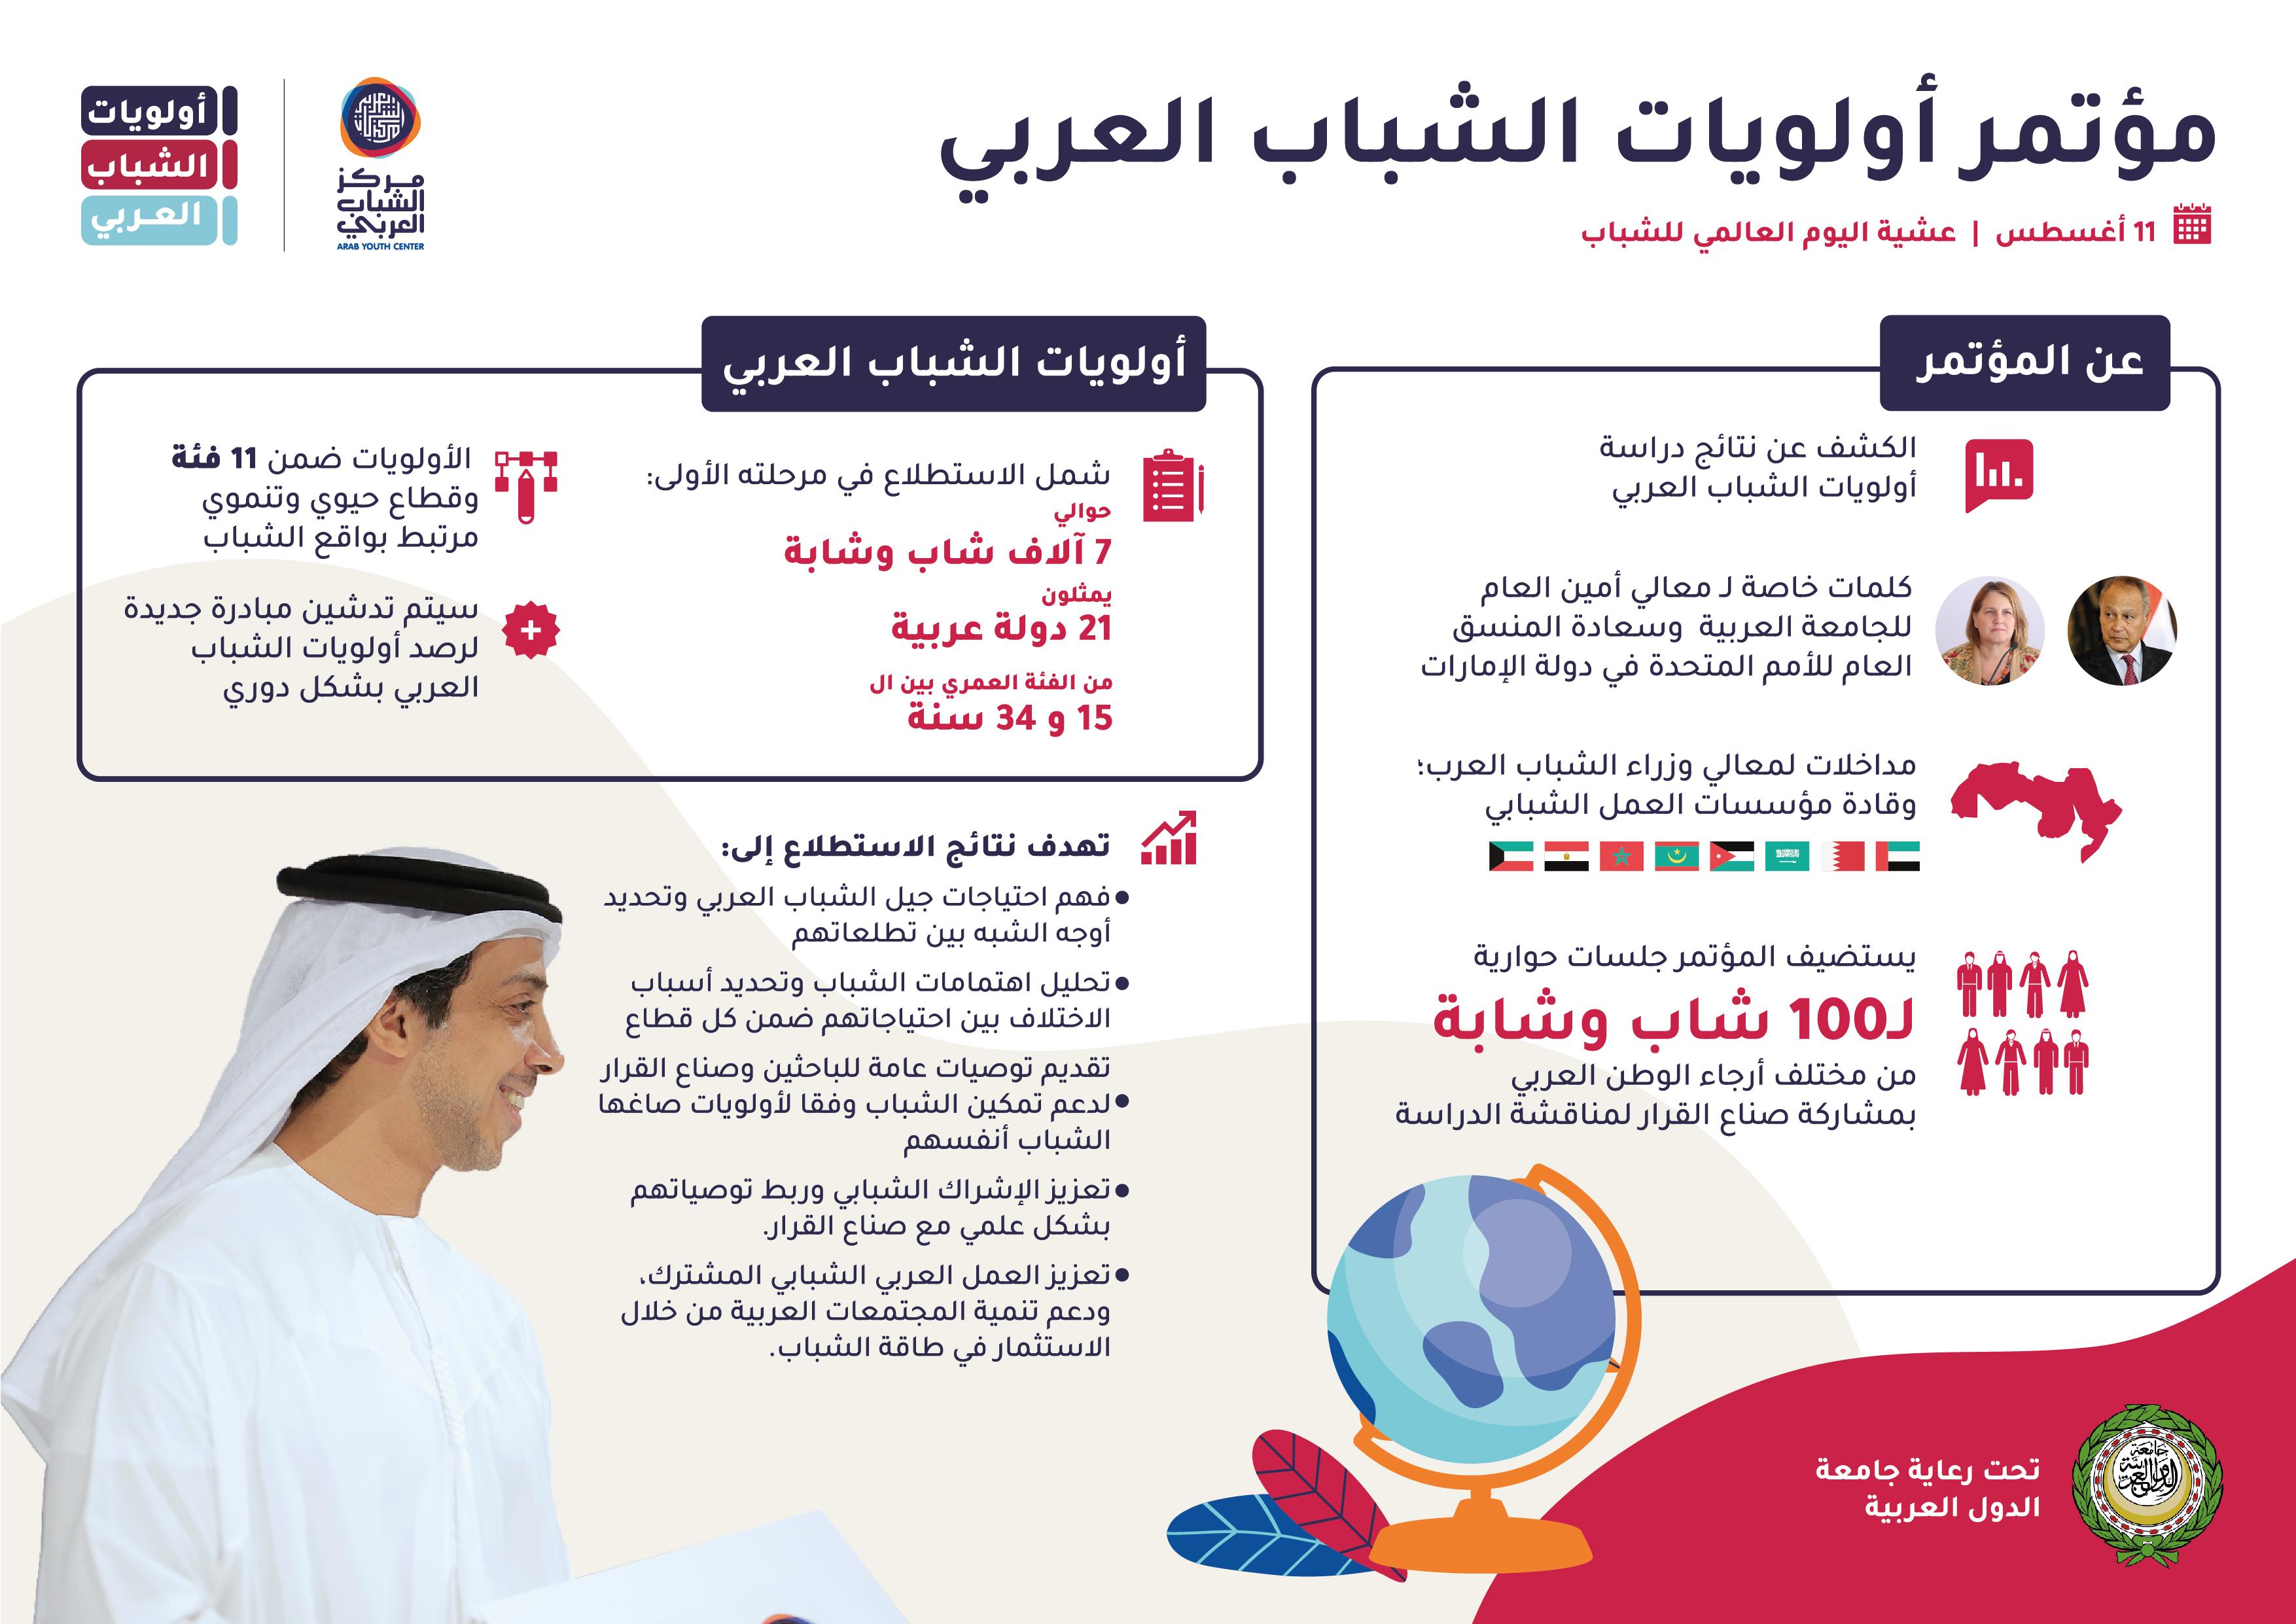 أولويات الشباب العربي- عرضي